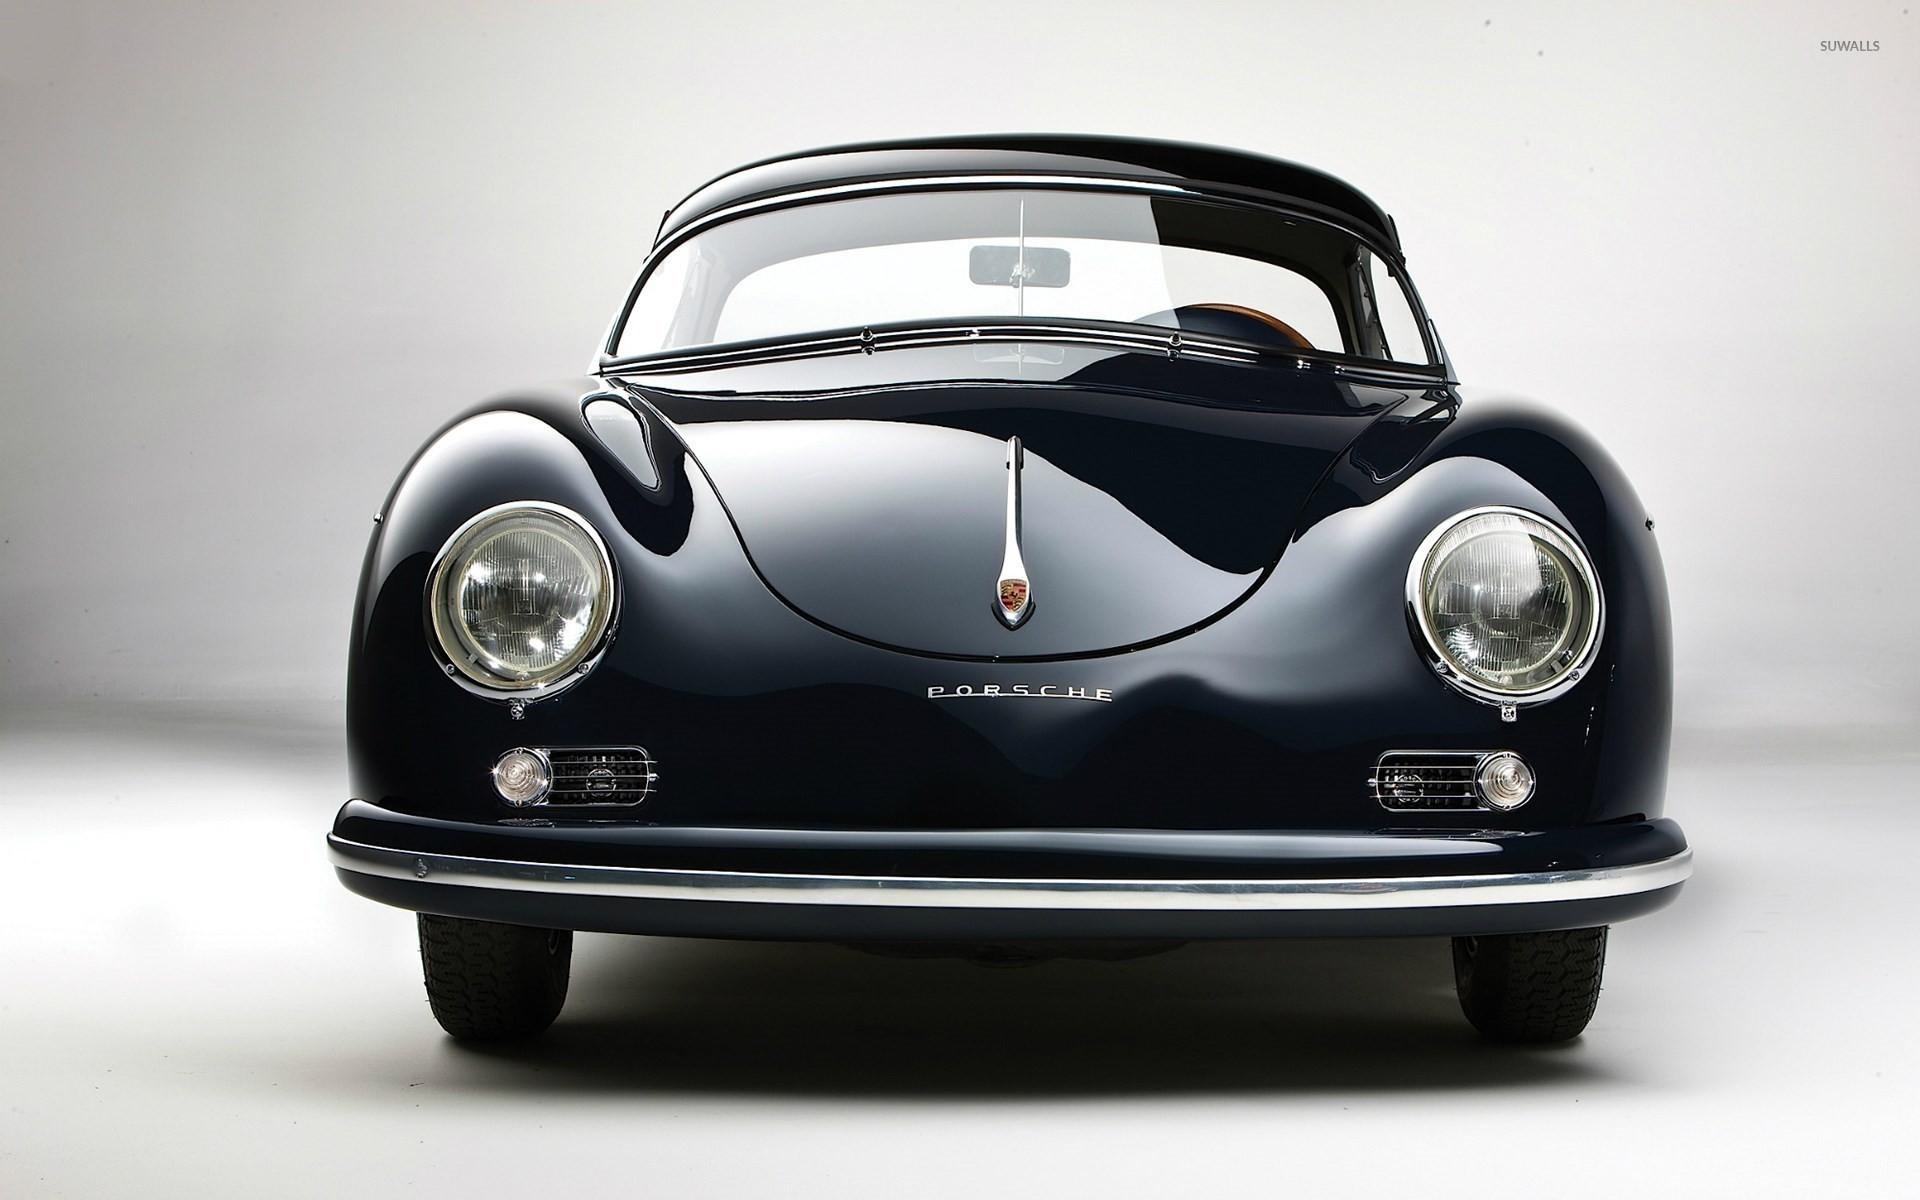 1920x1200, Porsche 356 Wallpapers - Porsche 356 - HD Wallpaper